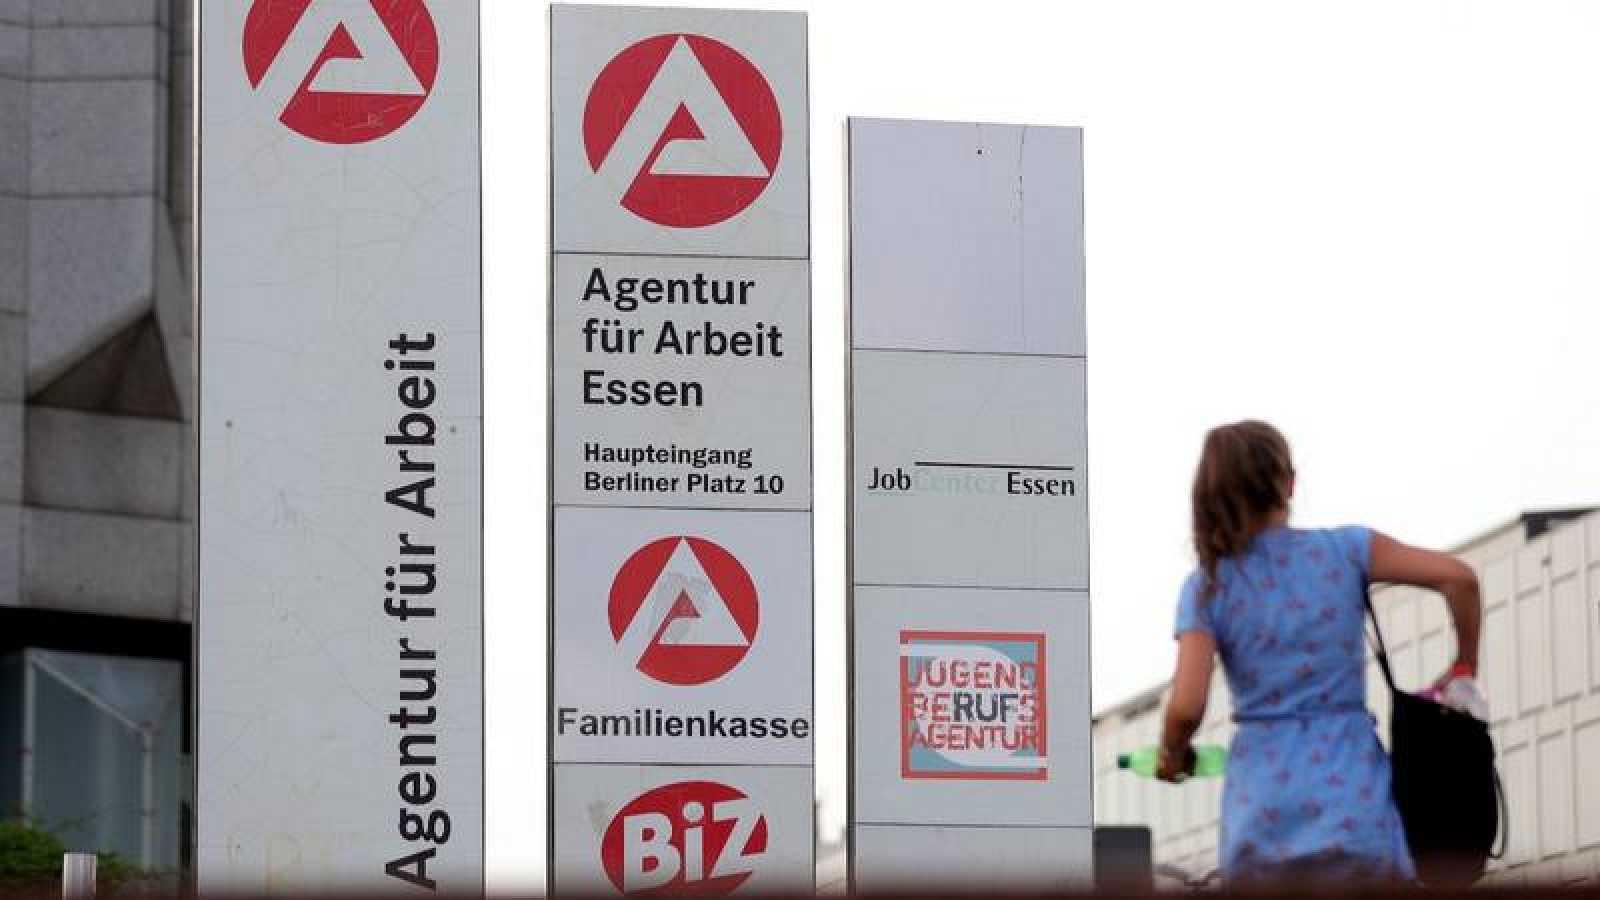 Una oficina de empleo en Alemania